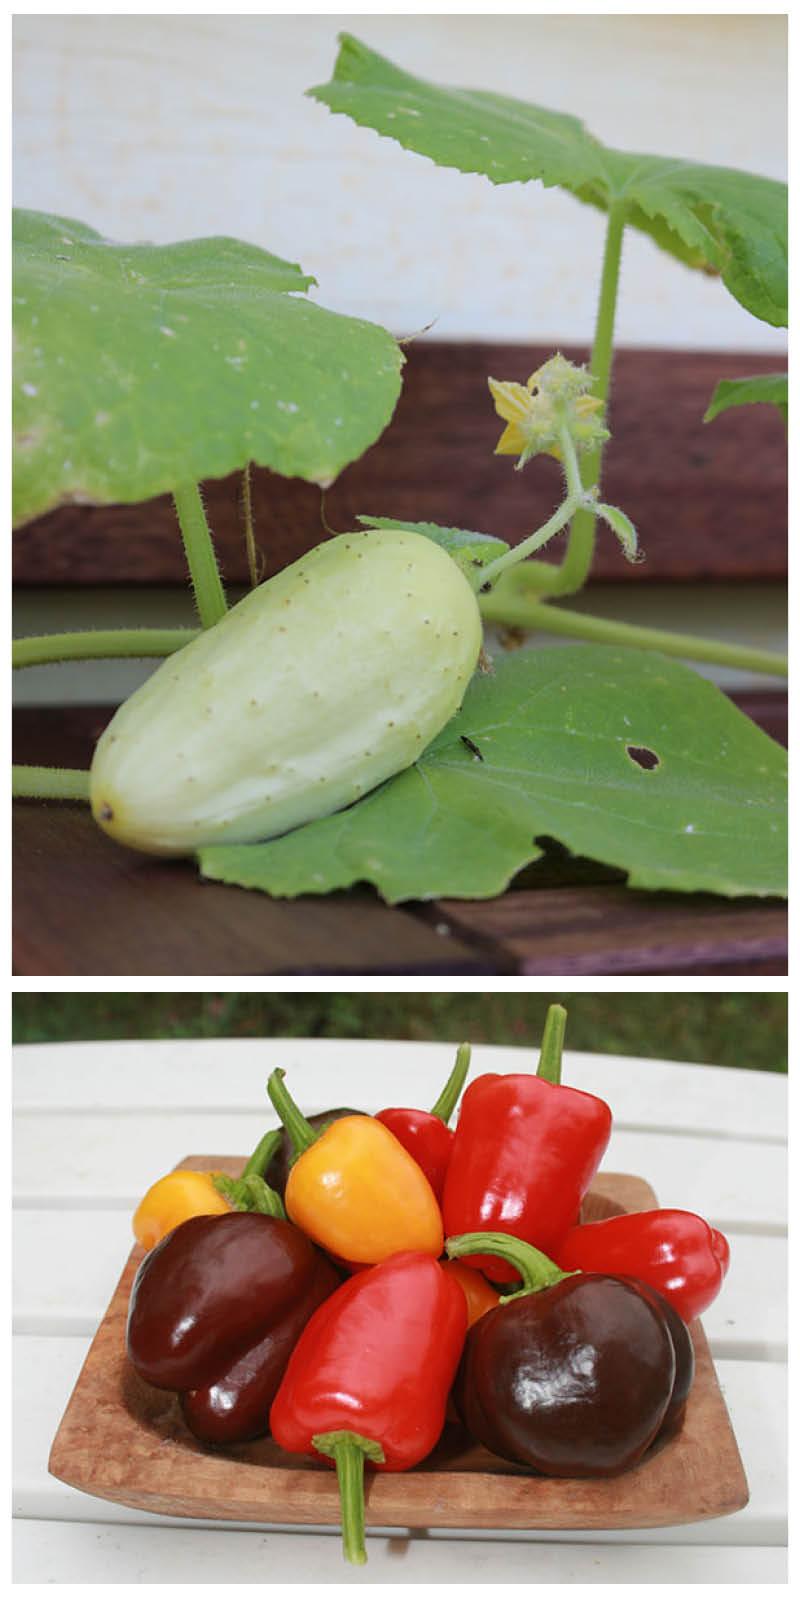 cucumber-and-pepper.jpg